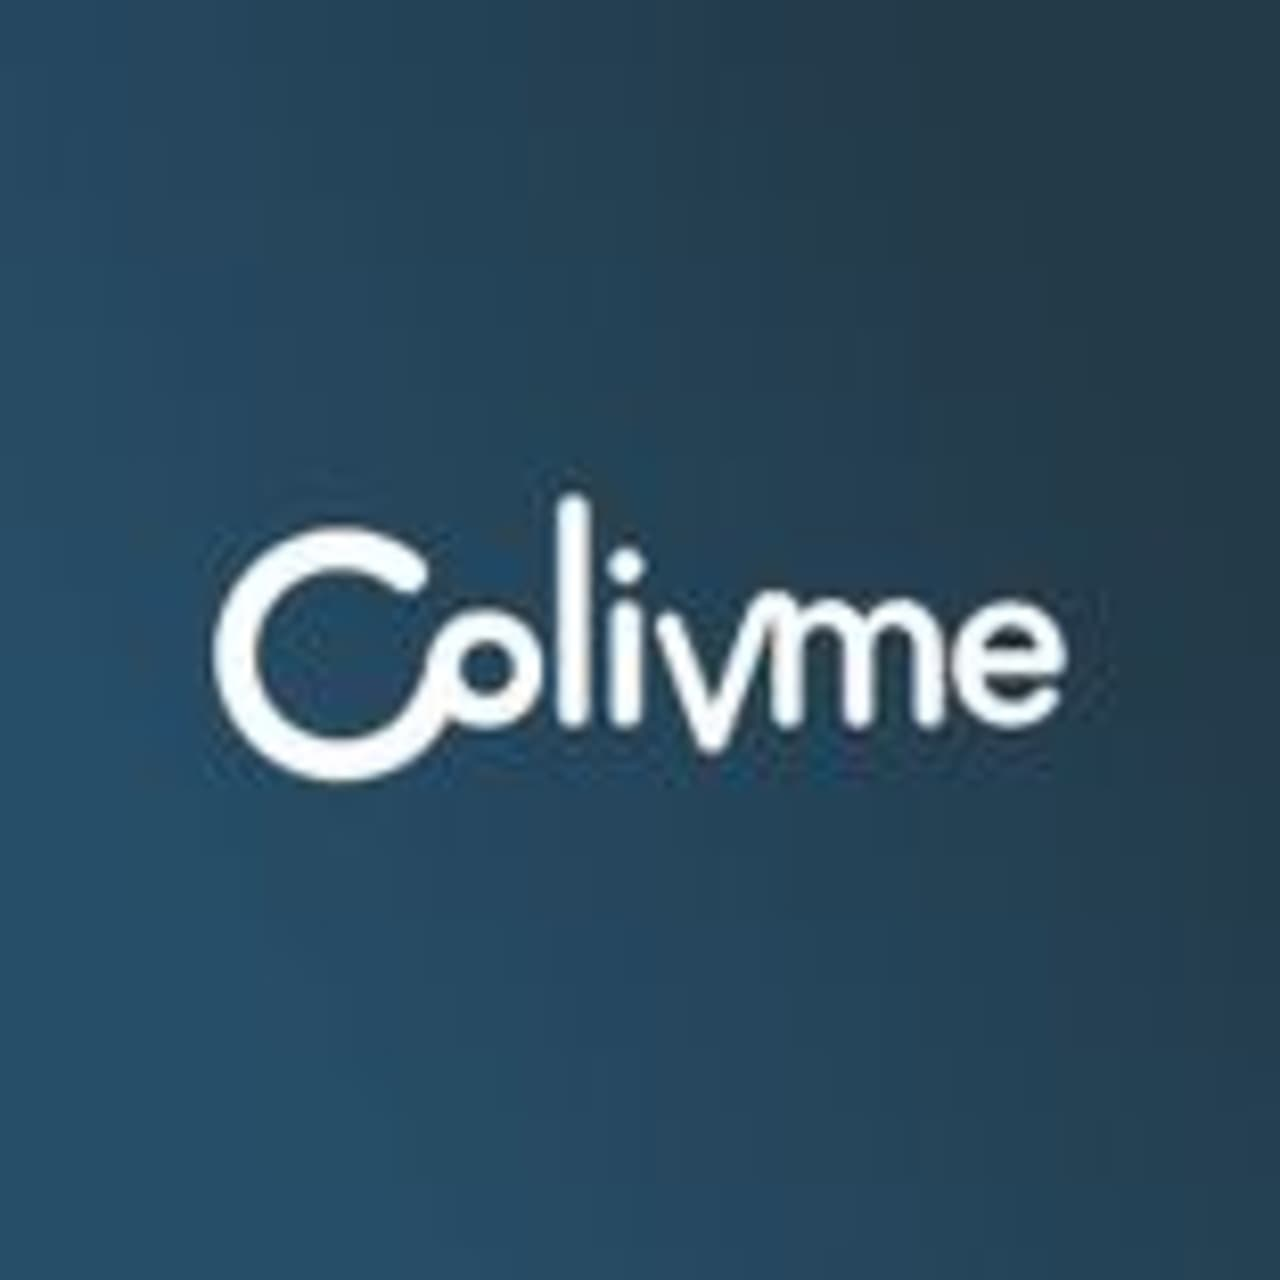 Colivme